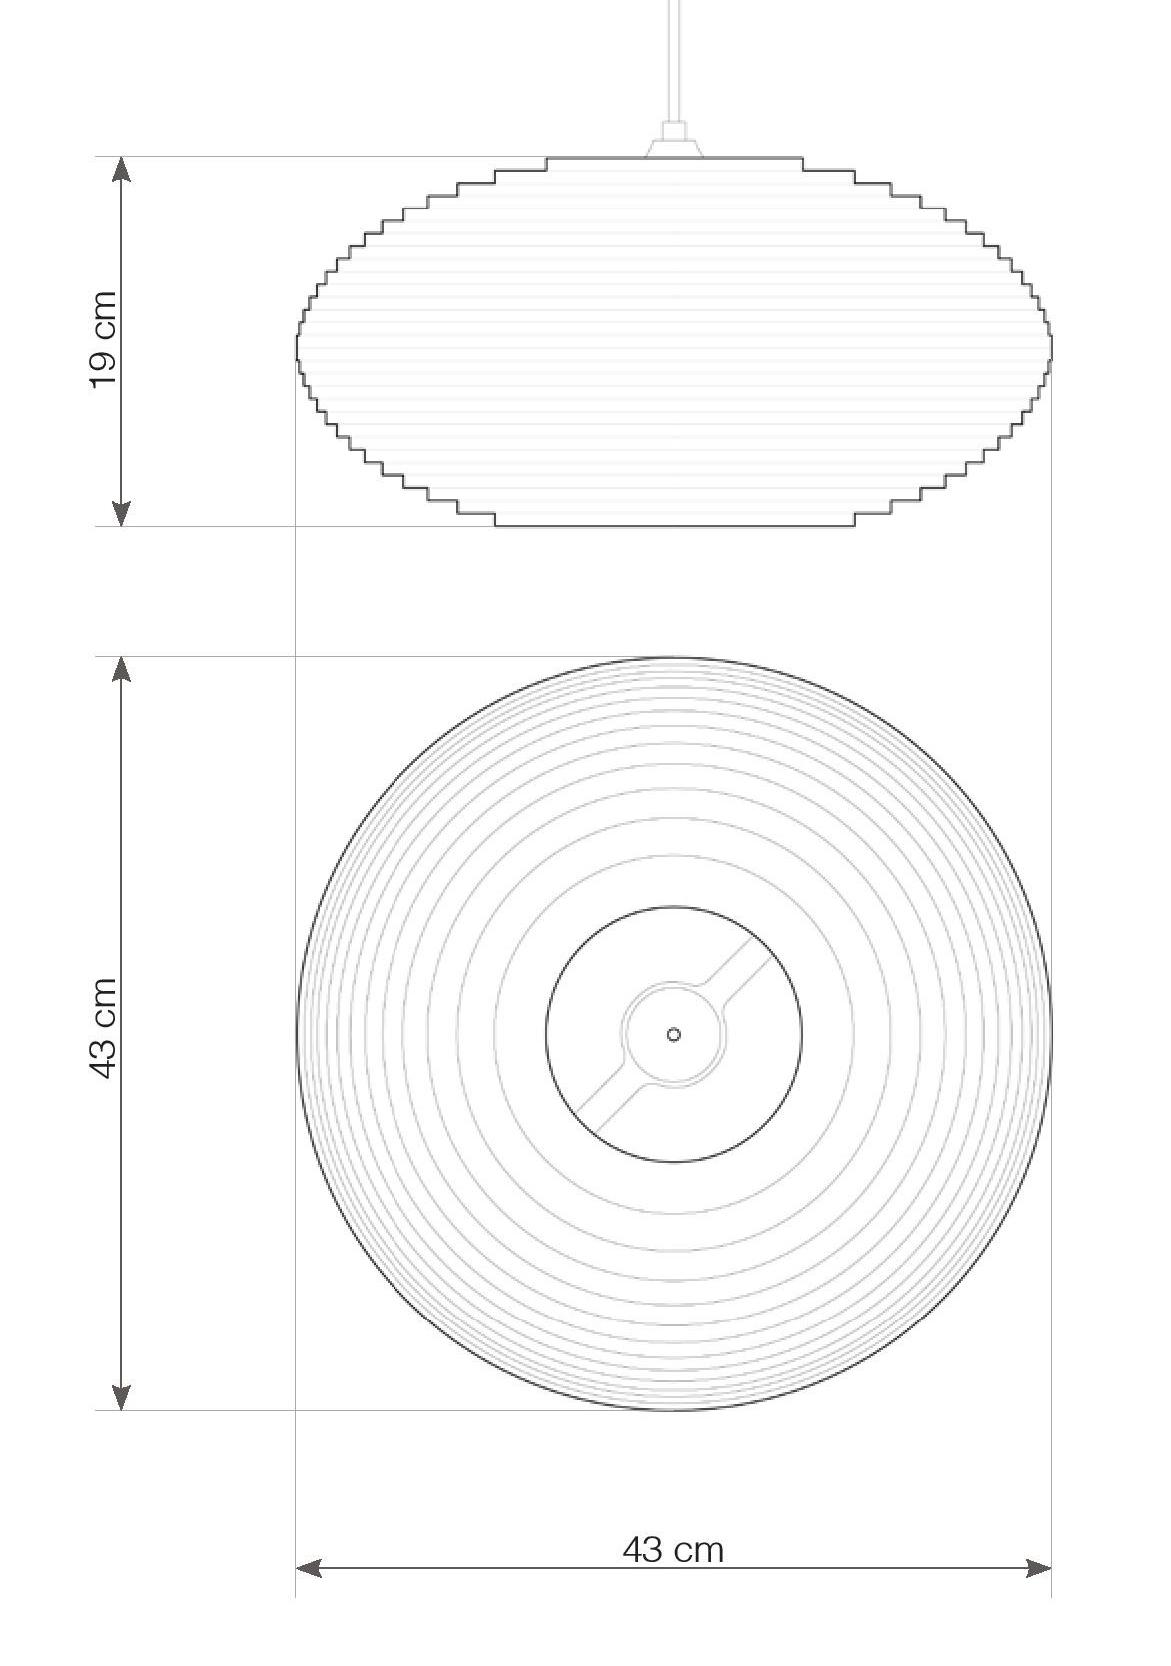 schéma-disc16